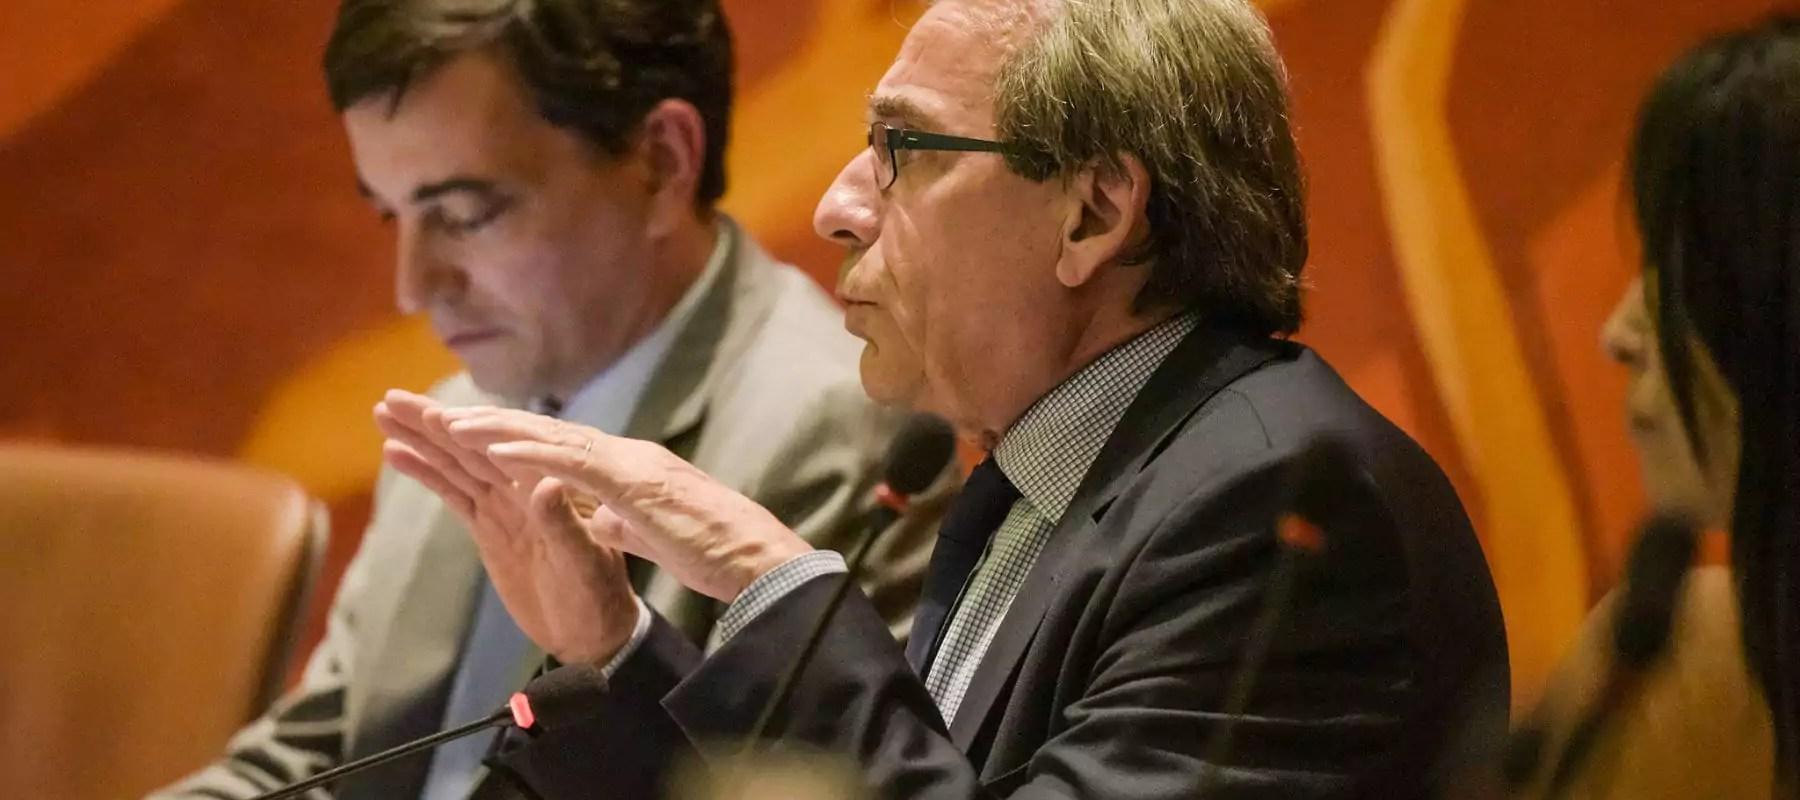 Le conseil municipal étudiera un budget stable sans hausse d'impôts